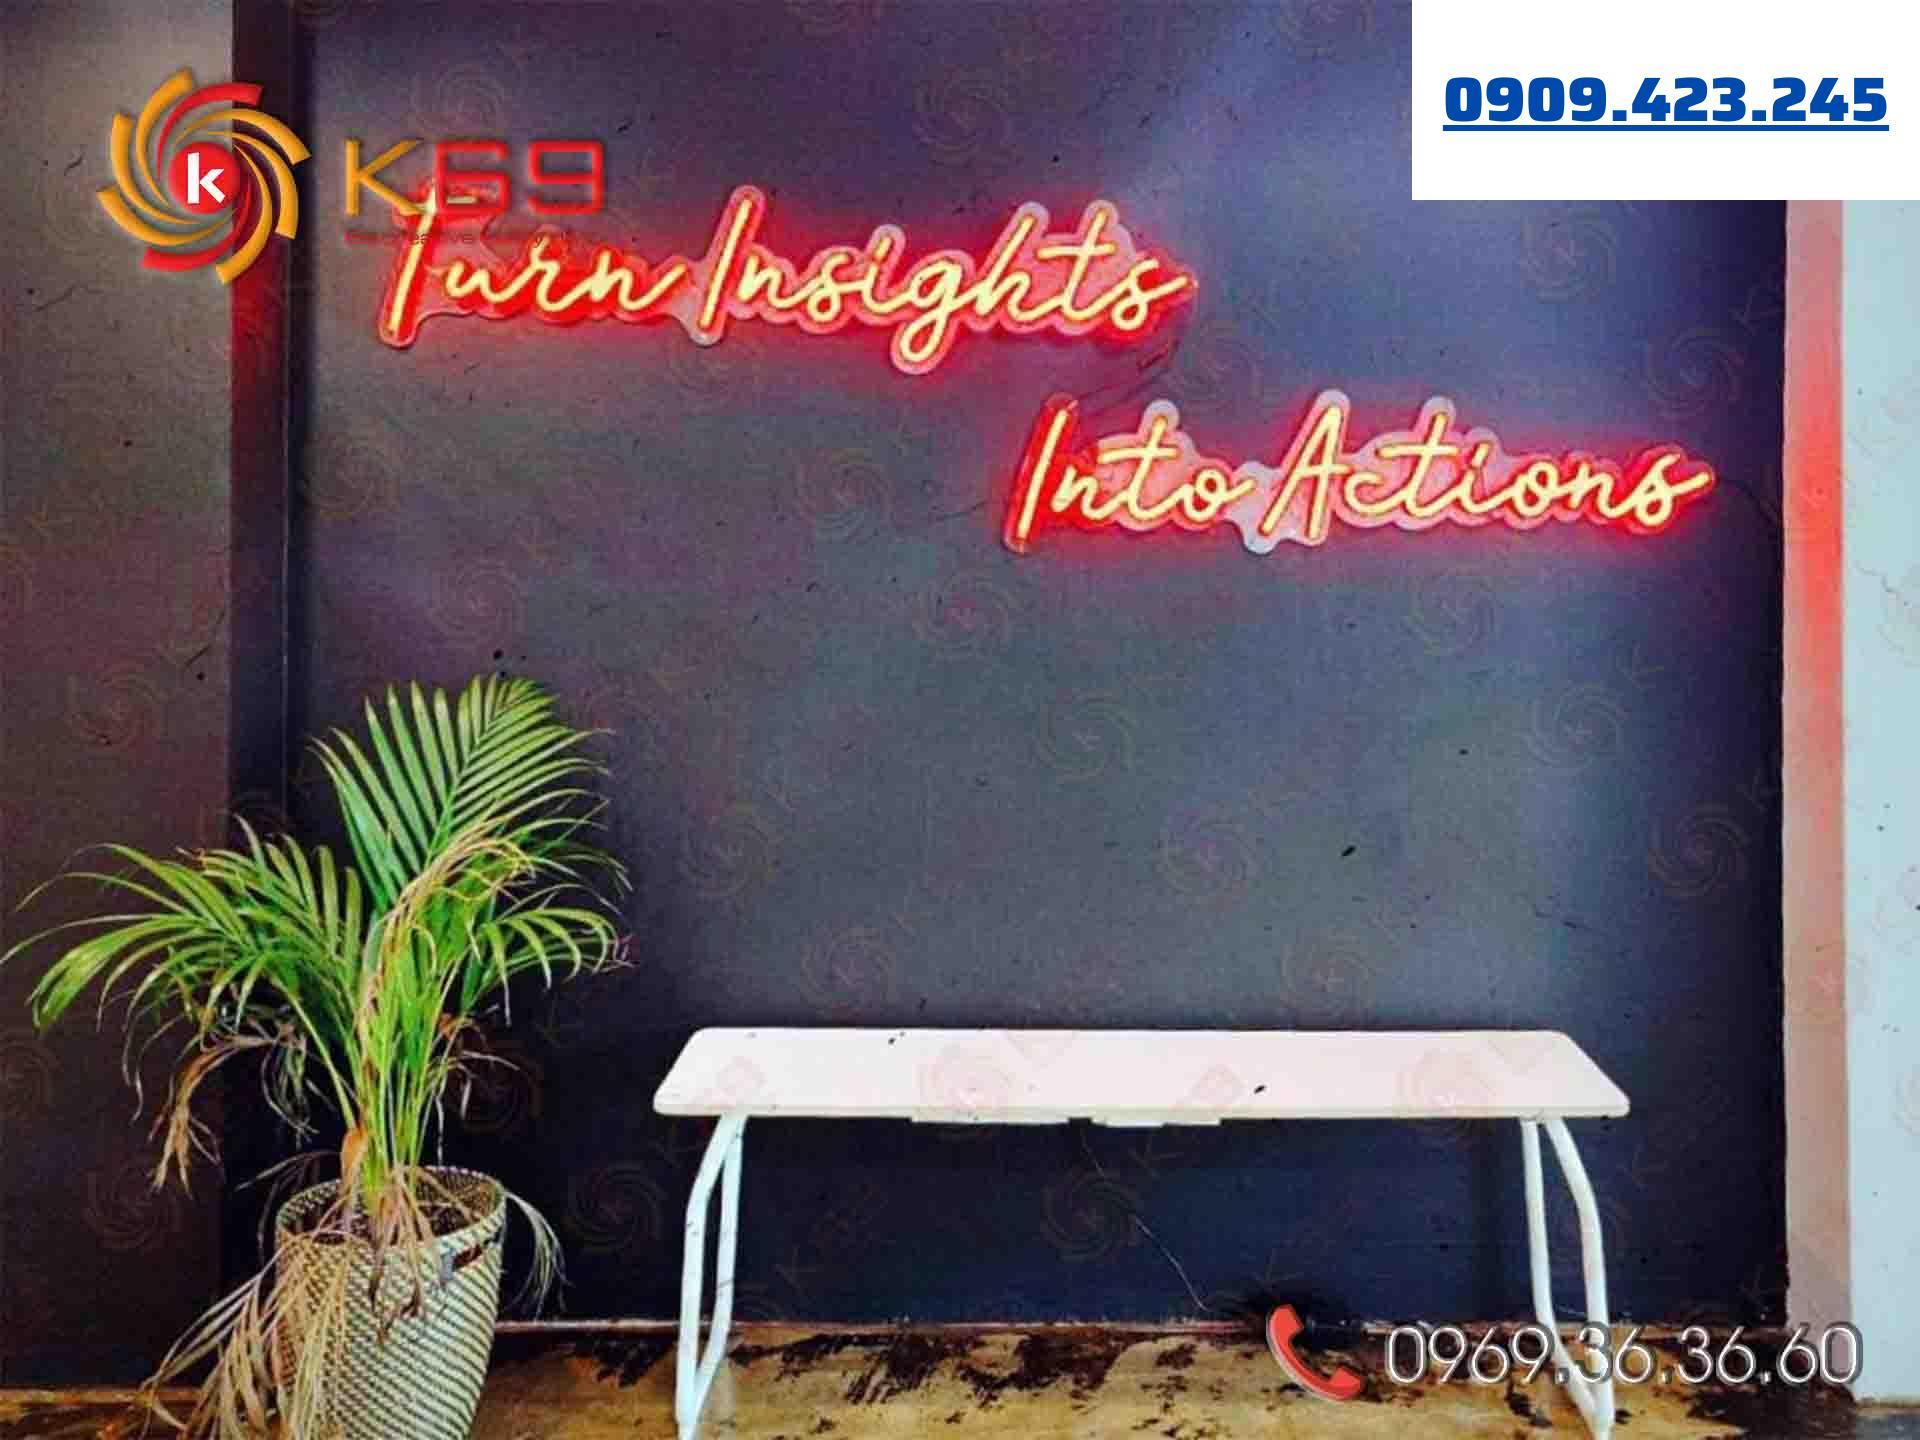 K69ADV chuyên làm đèn Neon Sign giá rẻ - uy tín nhất